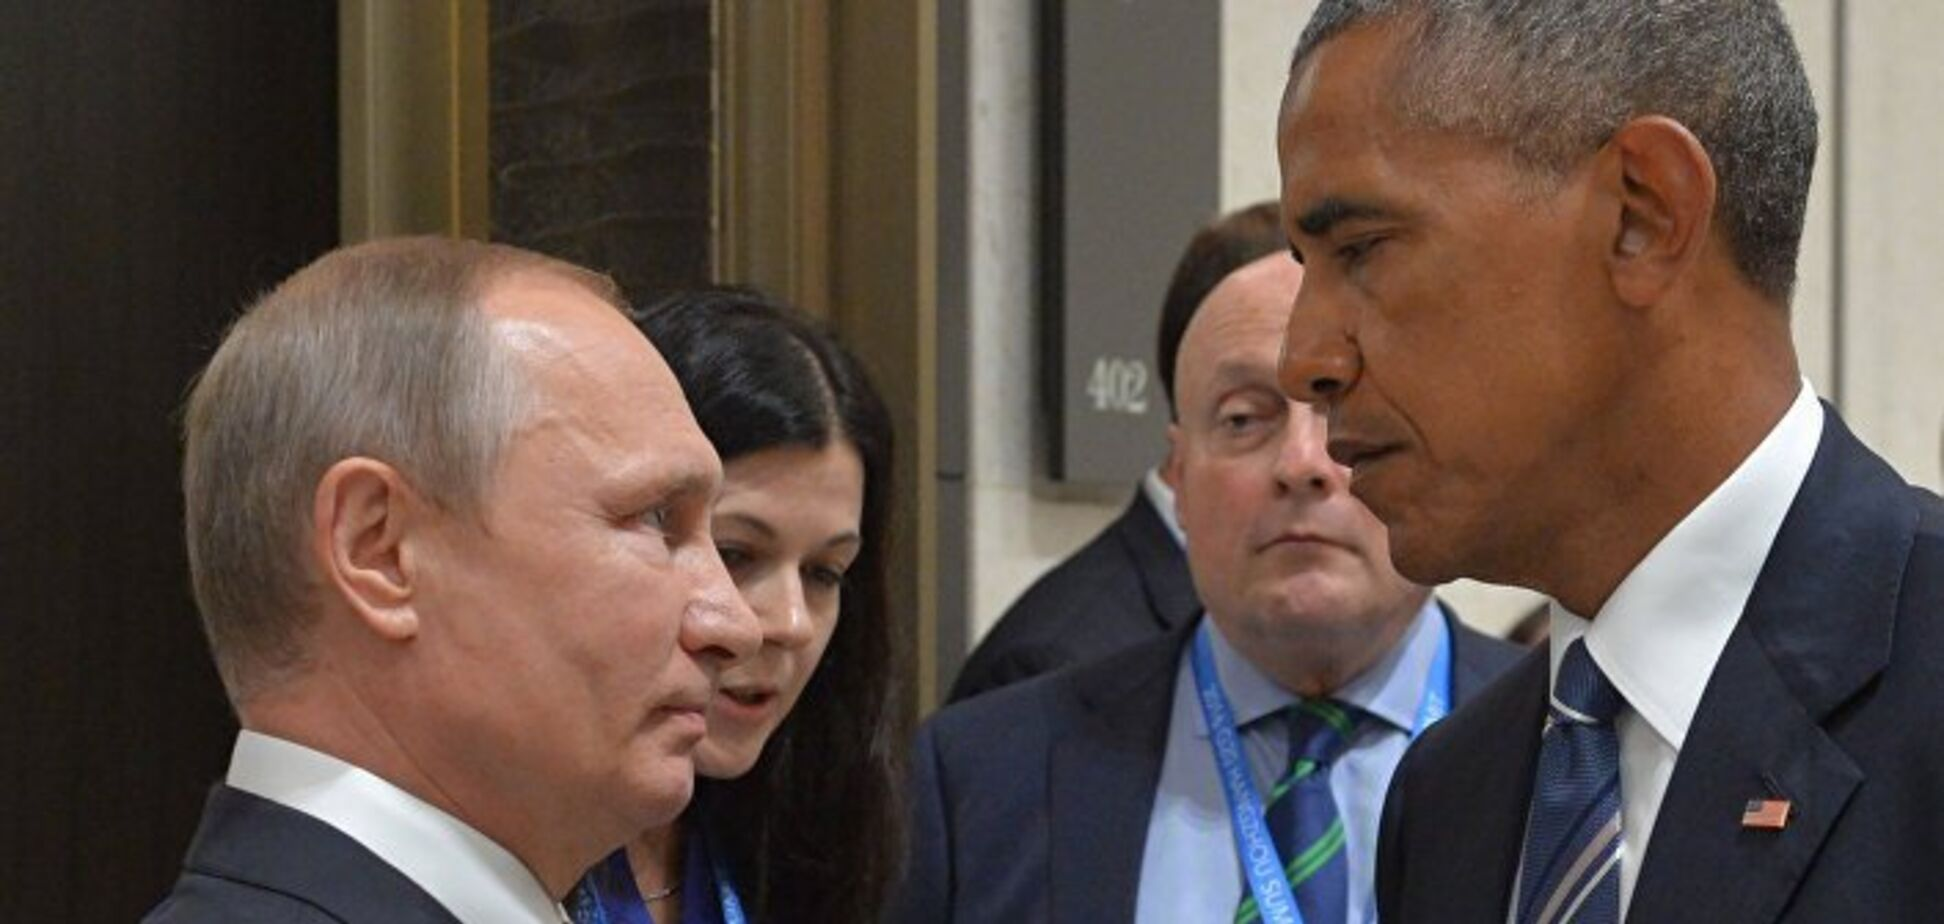 Без Обамы не обошлось: Белковский рассказал, почему Путин стал агрессивным